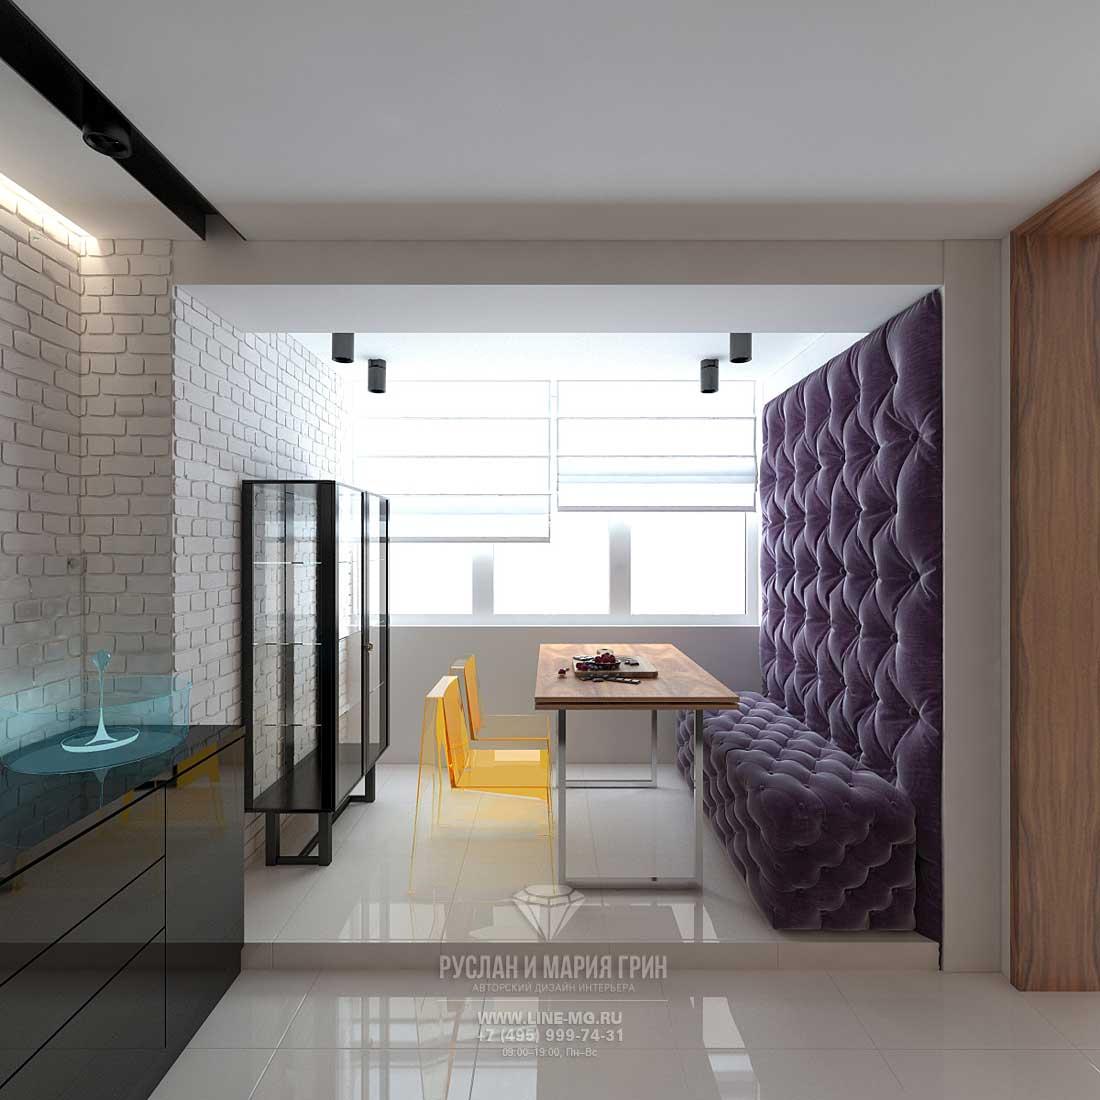 Элитный ремонт квартиры в Москве. Фото столовой в стиле минимализм